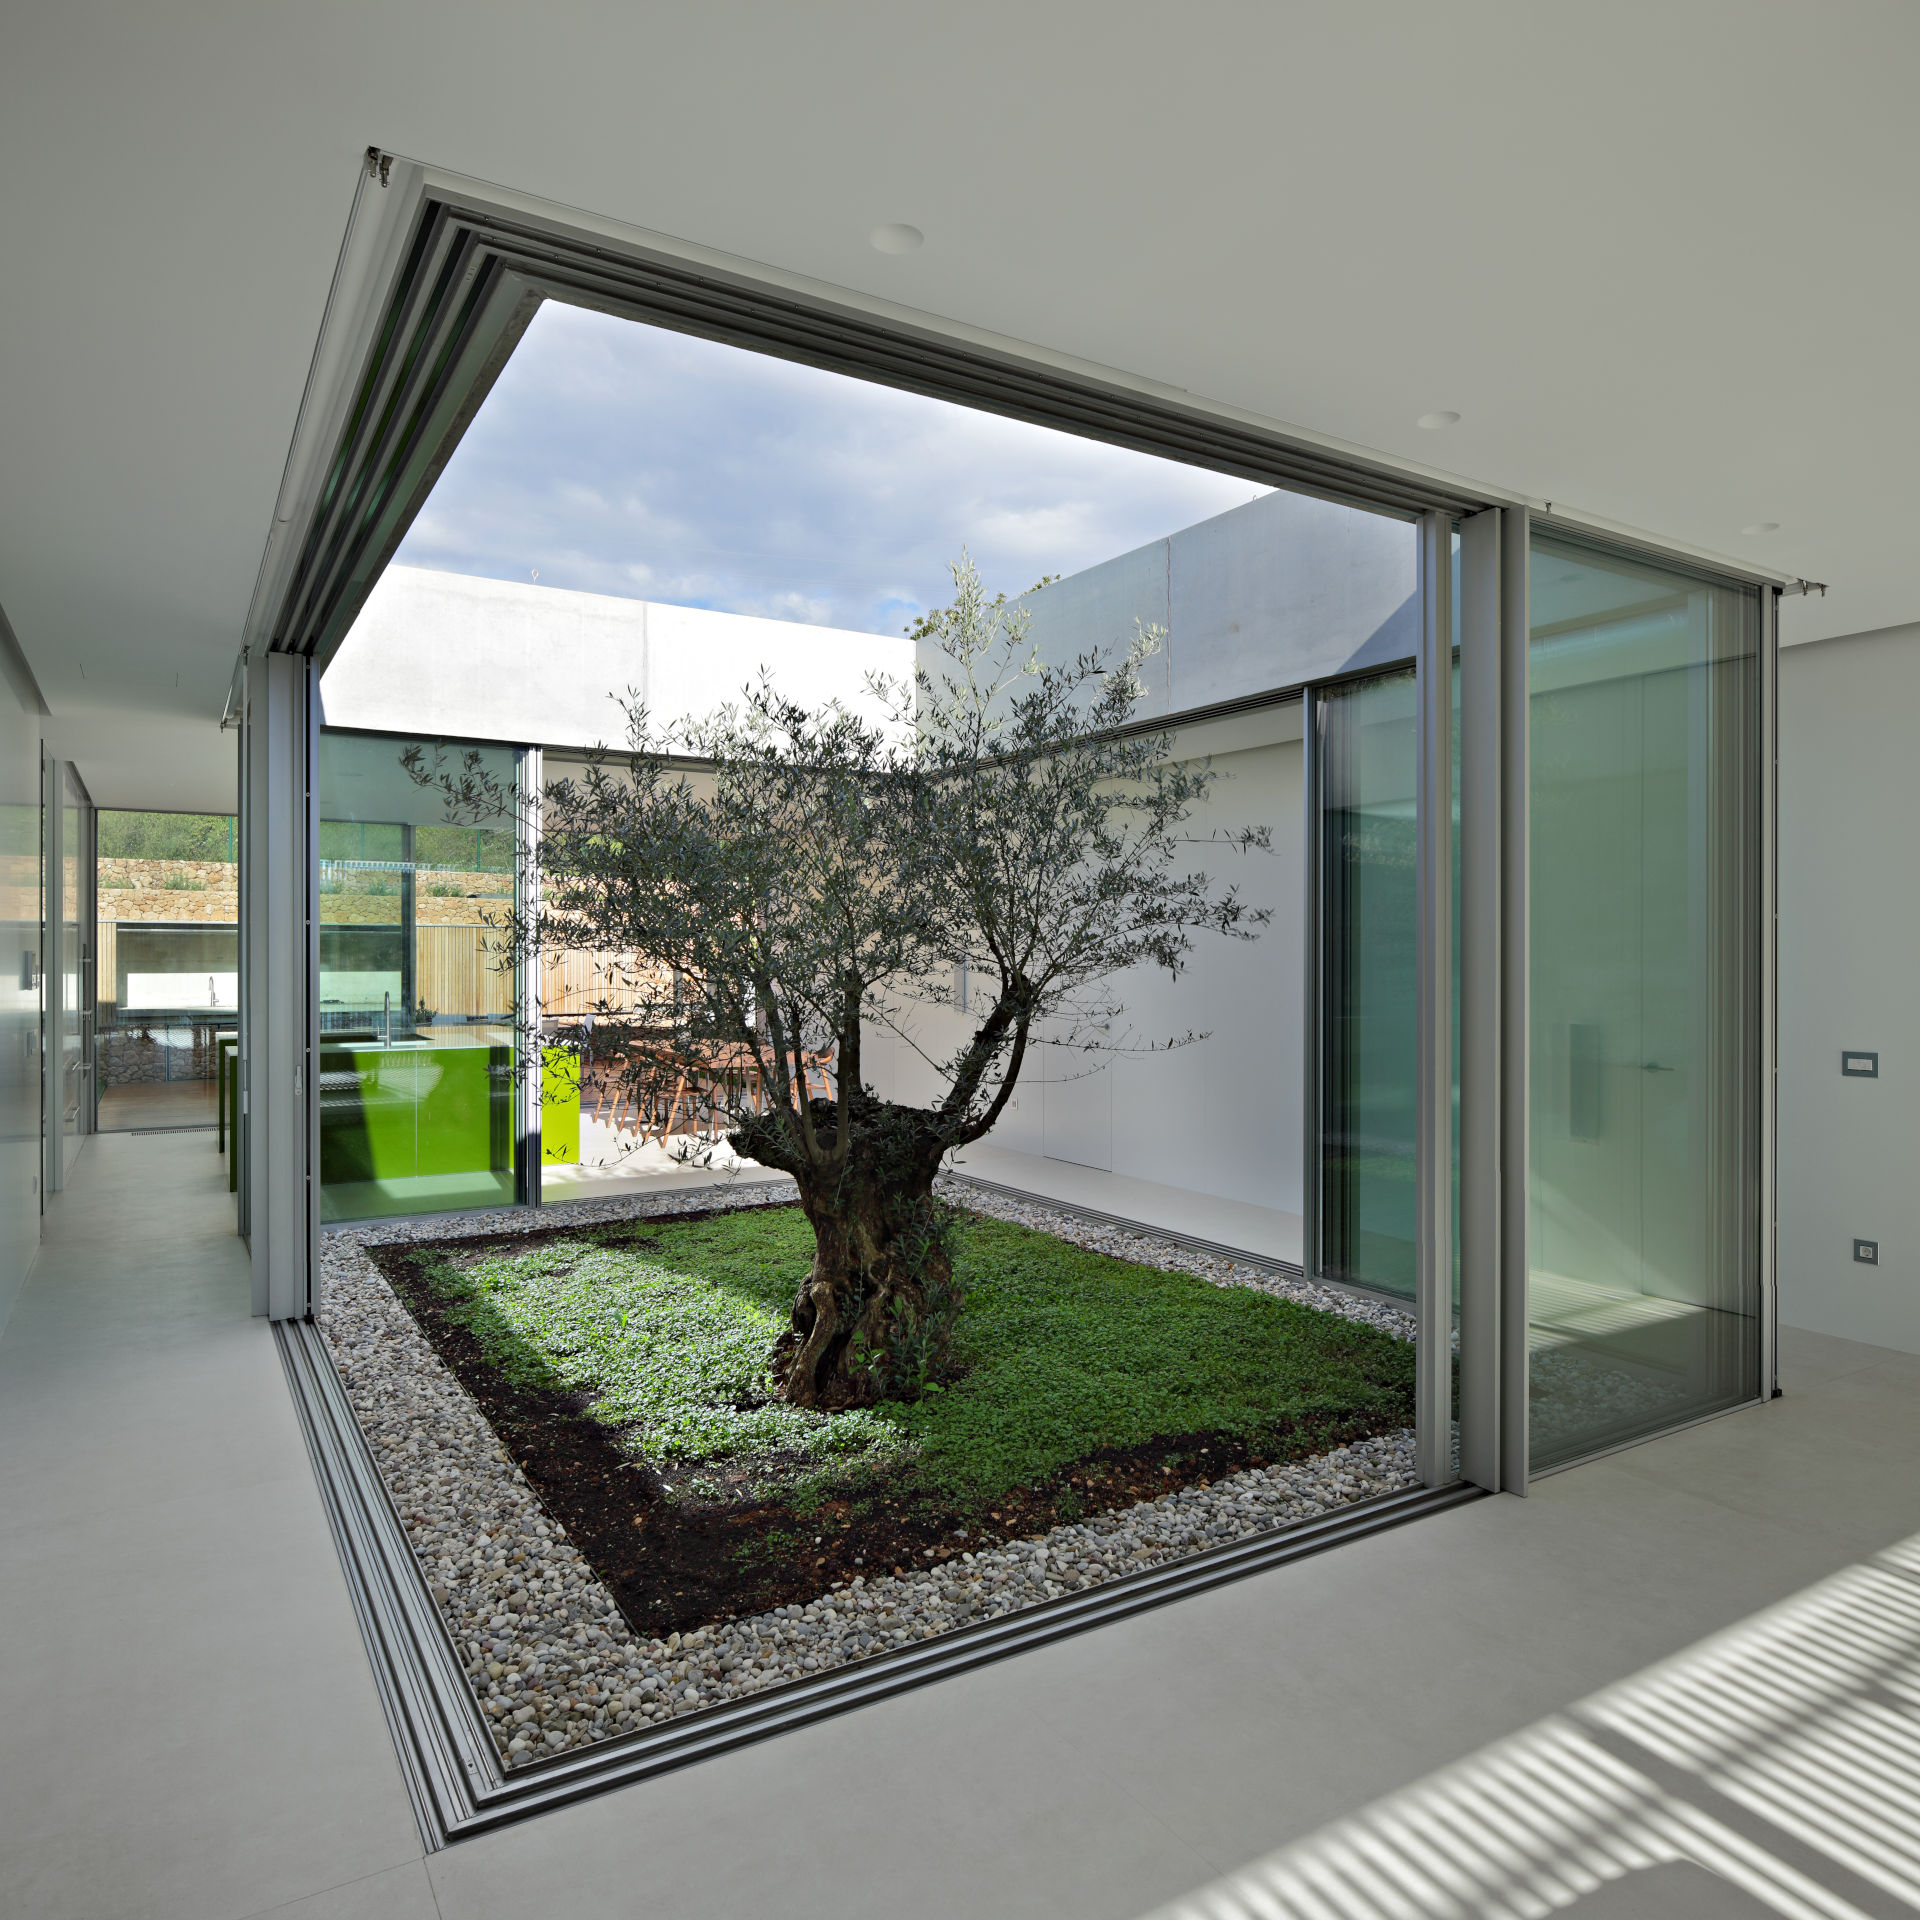 keller-minimal-windows-66 (1)